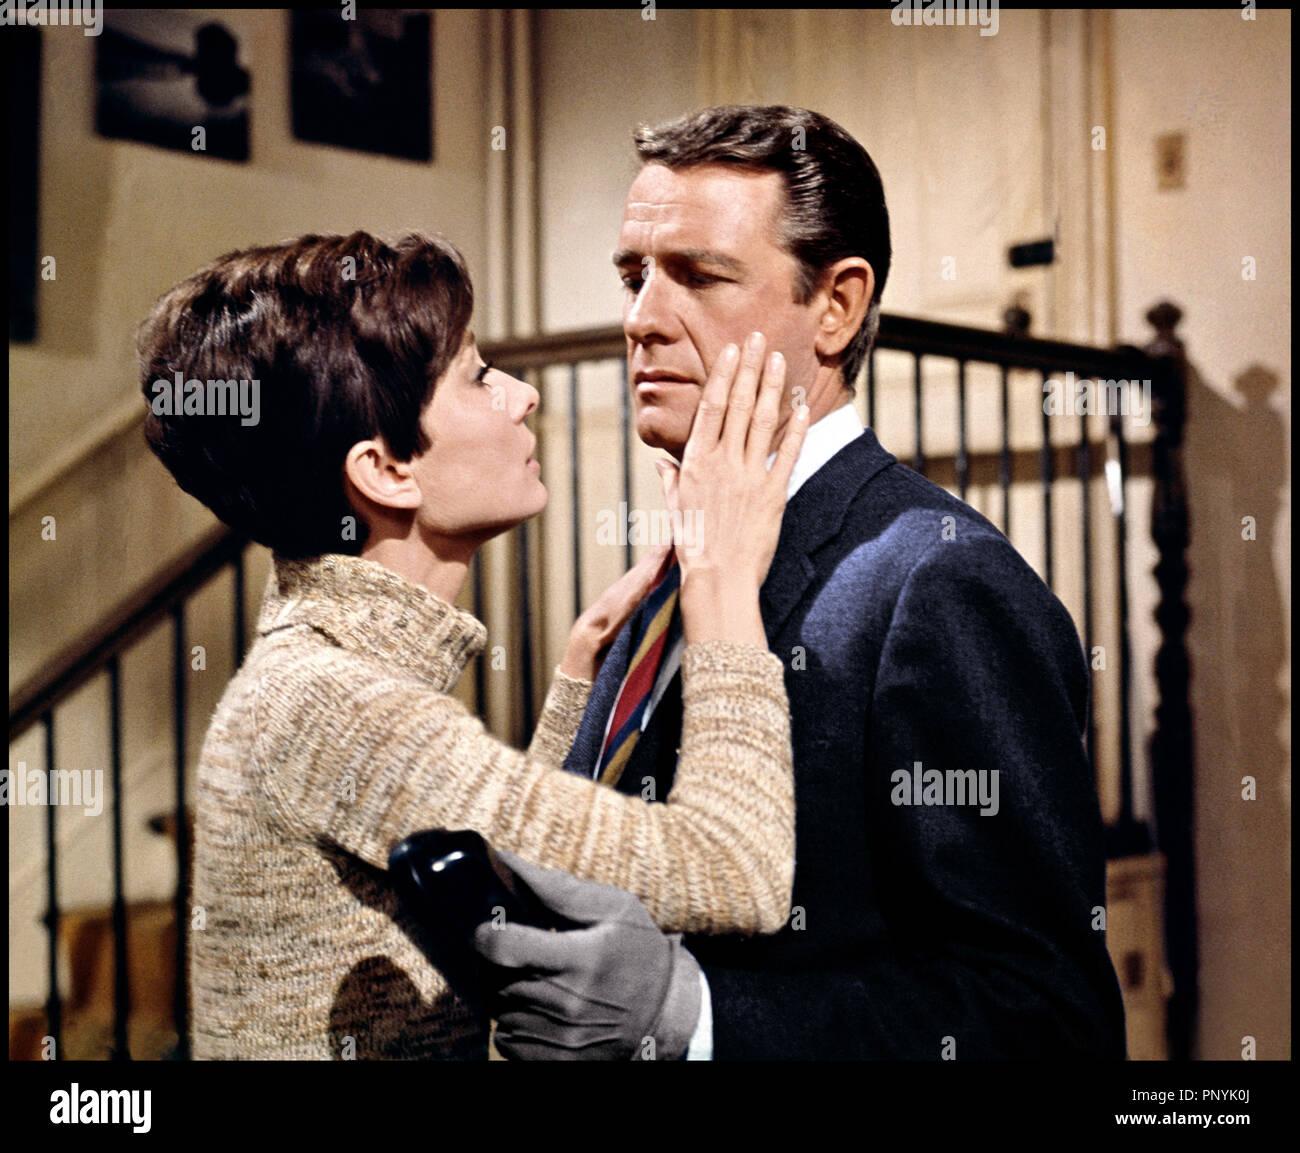 Prod DB © Warner Bros / DR SEULE DANS LA NUIT (WAIT UNTIL DARK) de Terence Young 1967 USA avec Audrey Hepburn et Richard Crenna  d'apres la piece de Frederick Knott  couple, caresser, gants - Stock Image